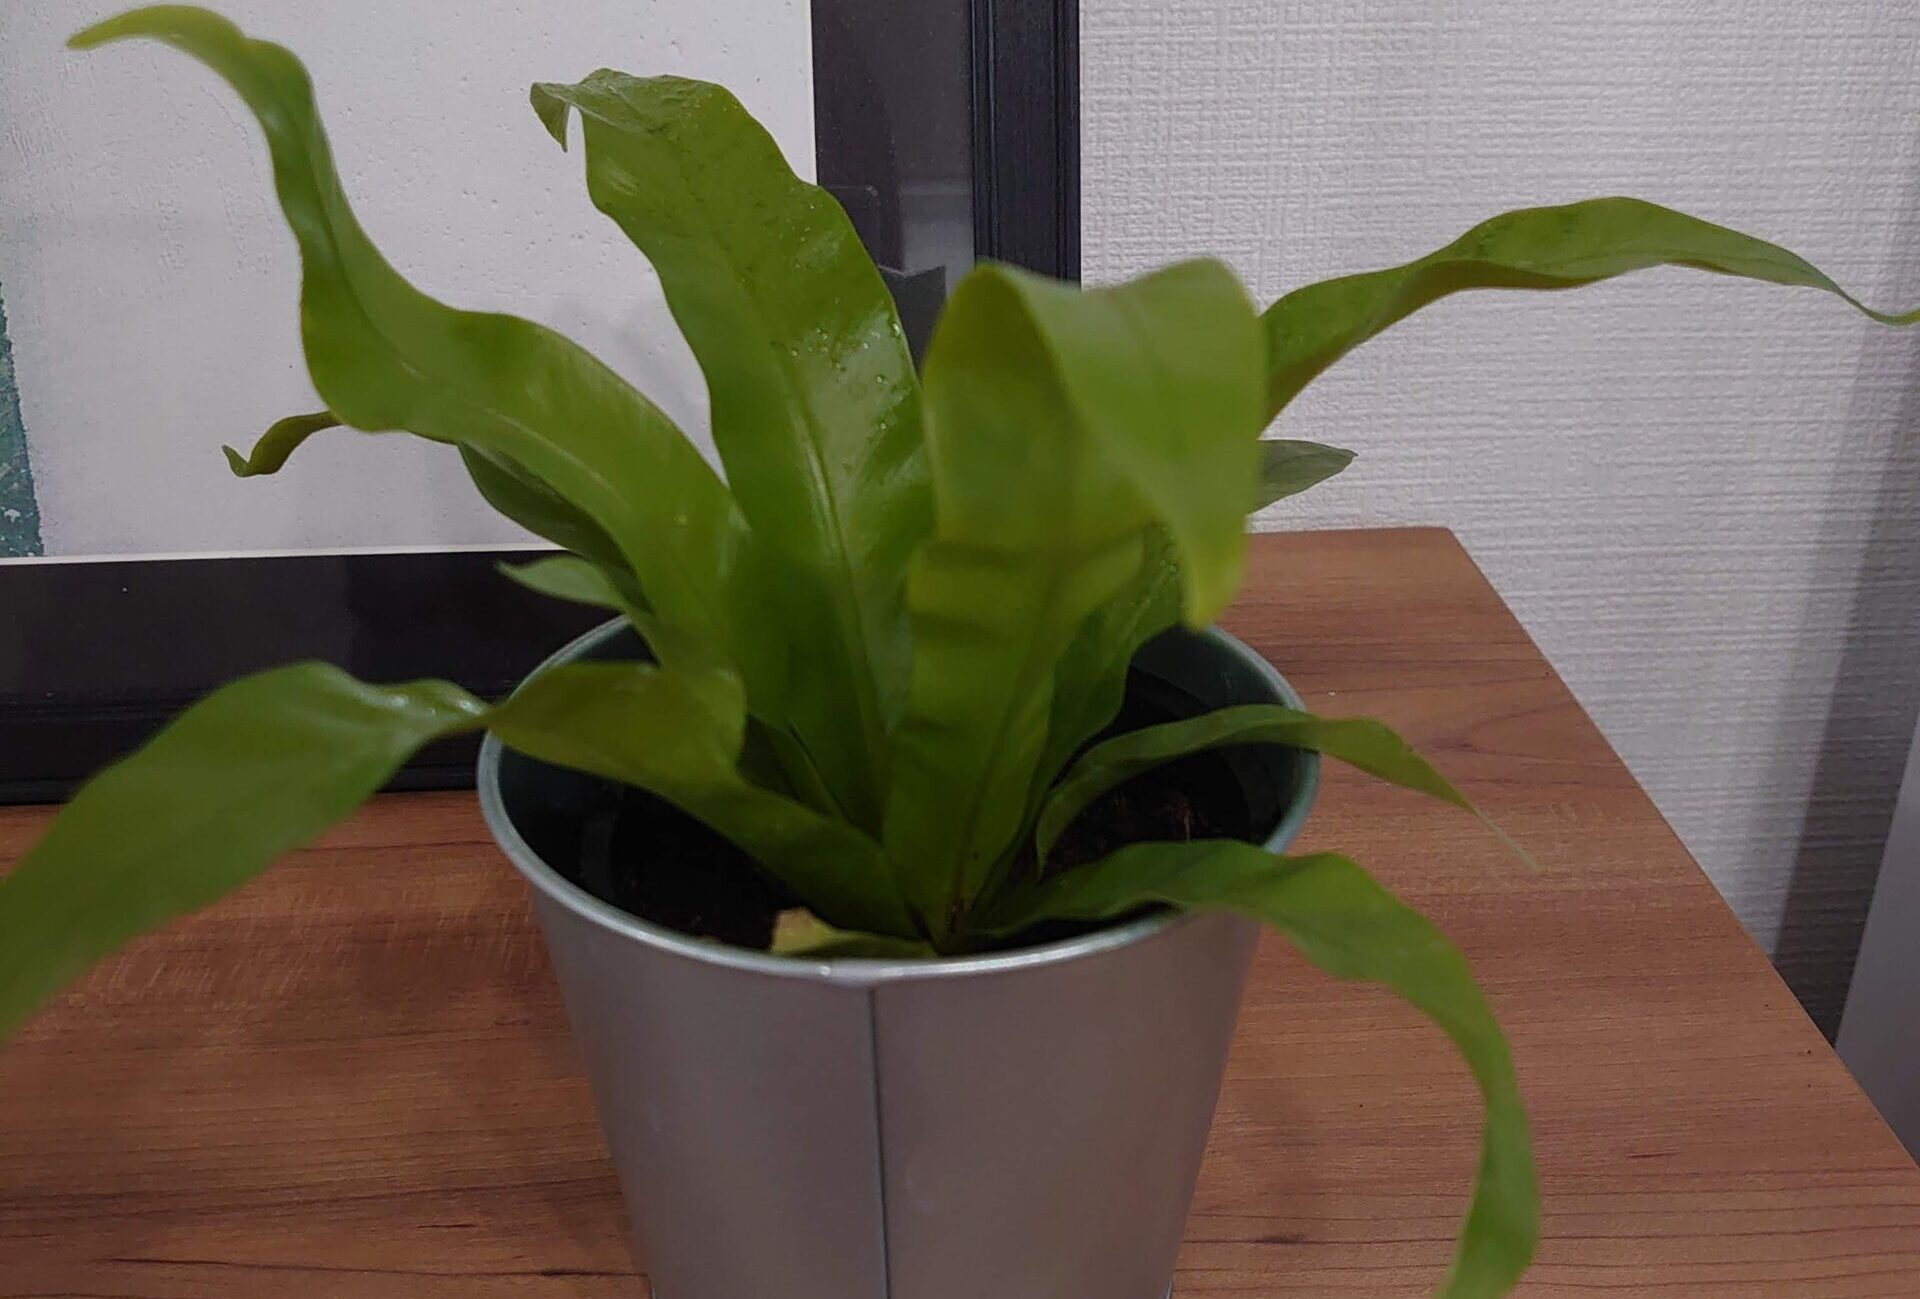 アスプレニウム アビス 成長記録<100均観葉植物>